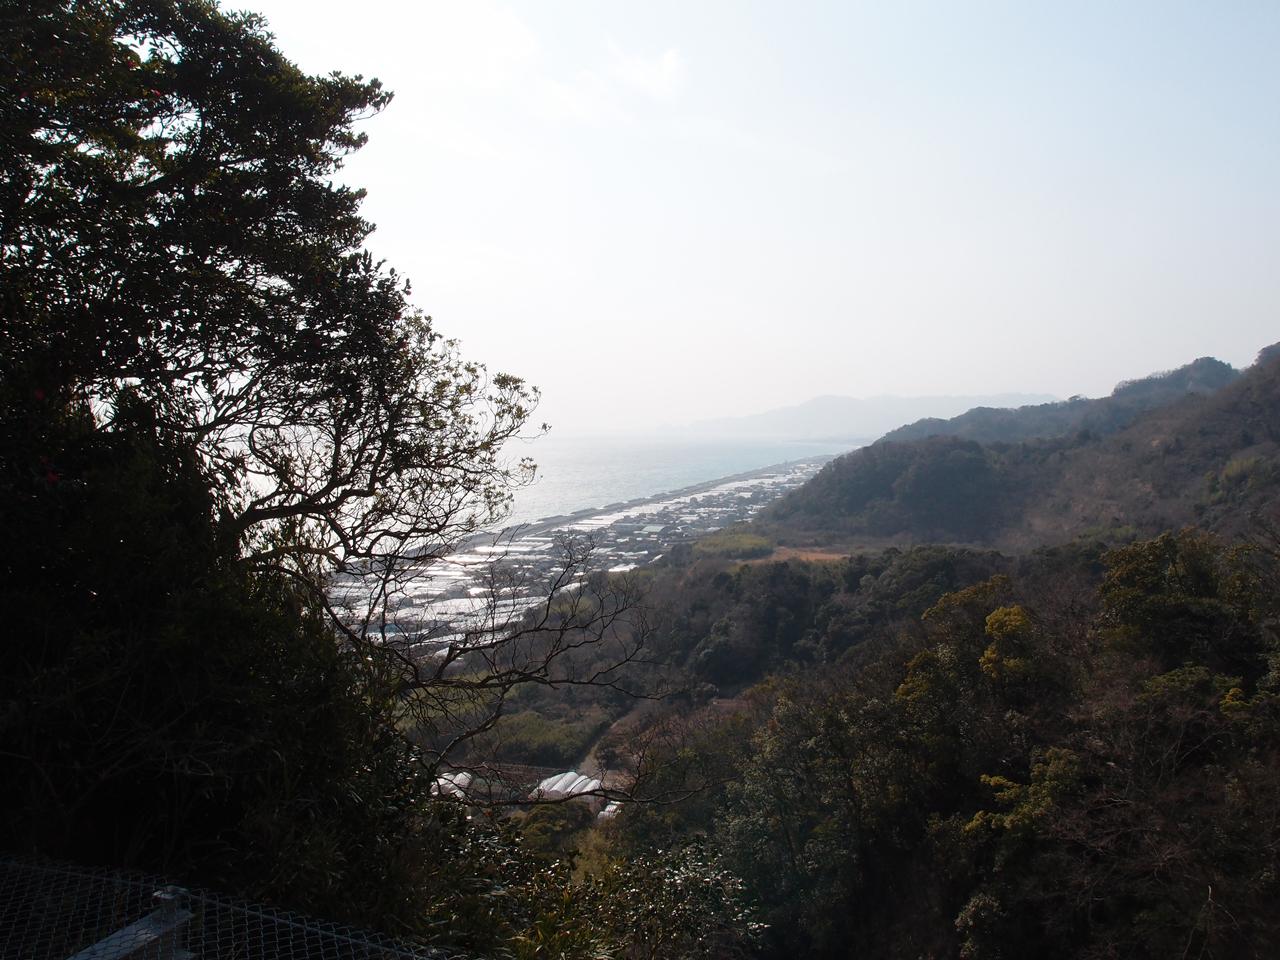 久能山東照宮の石段を登り切ったところ